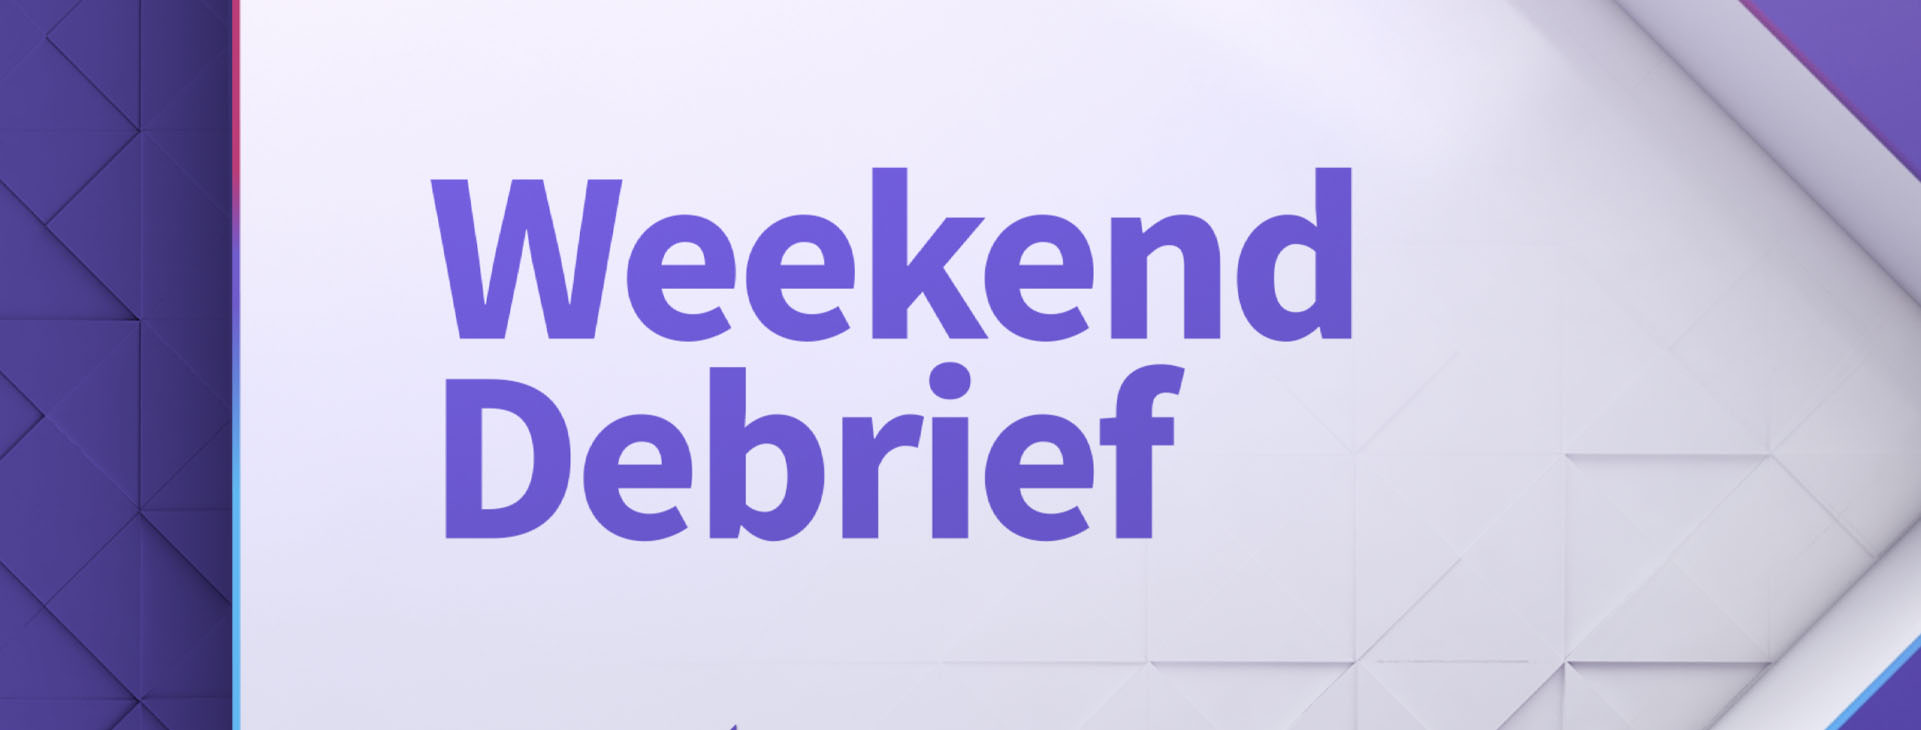 Weekend Debrief